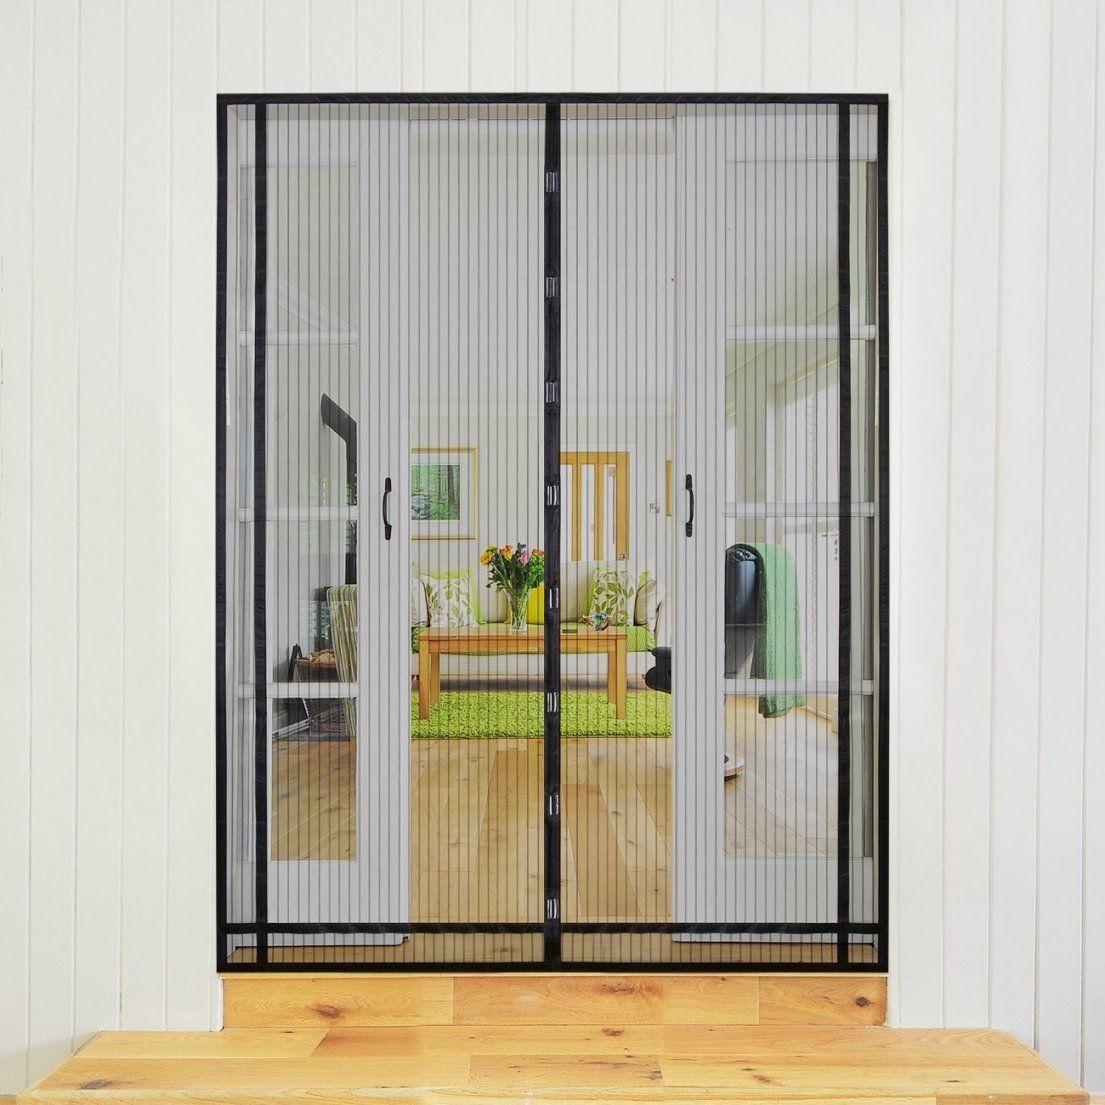 230*160Cm Insektenschutz Vorhang Türen Magnet Magnetvorhang Netz von Insektenschutzvorhang Für Türen Mit Magnet Photo